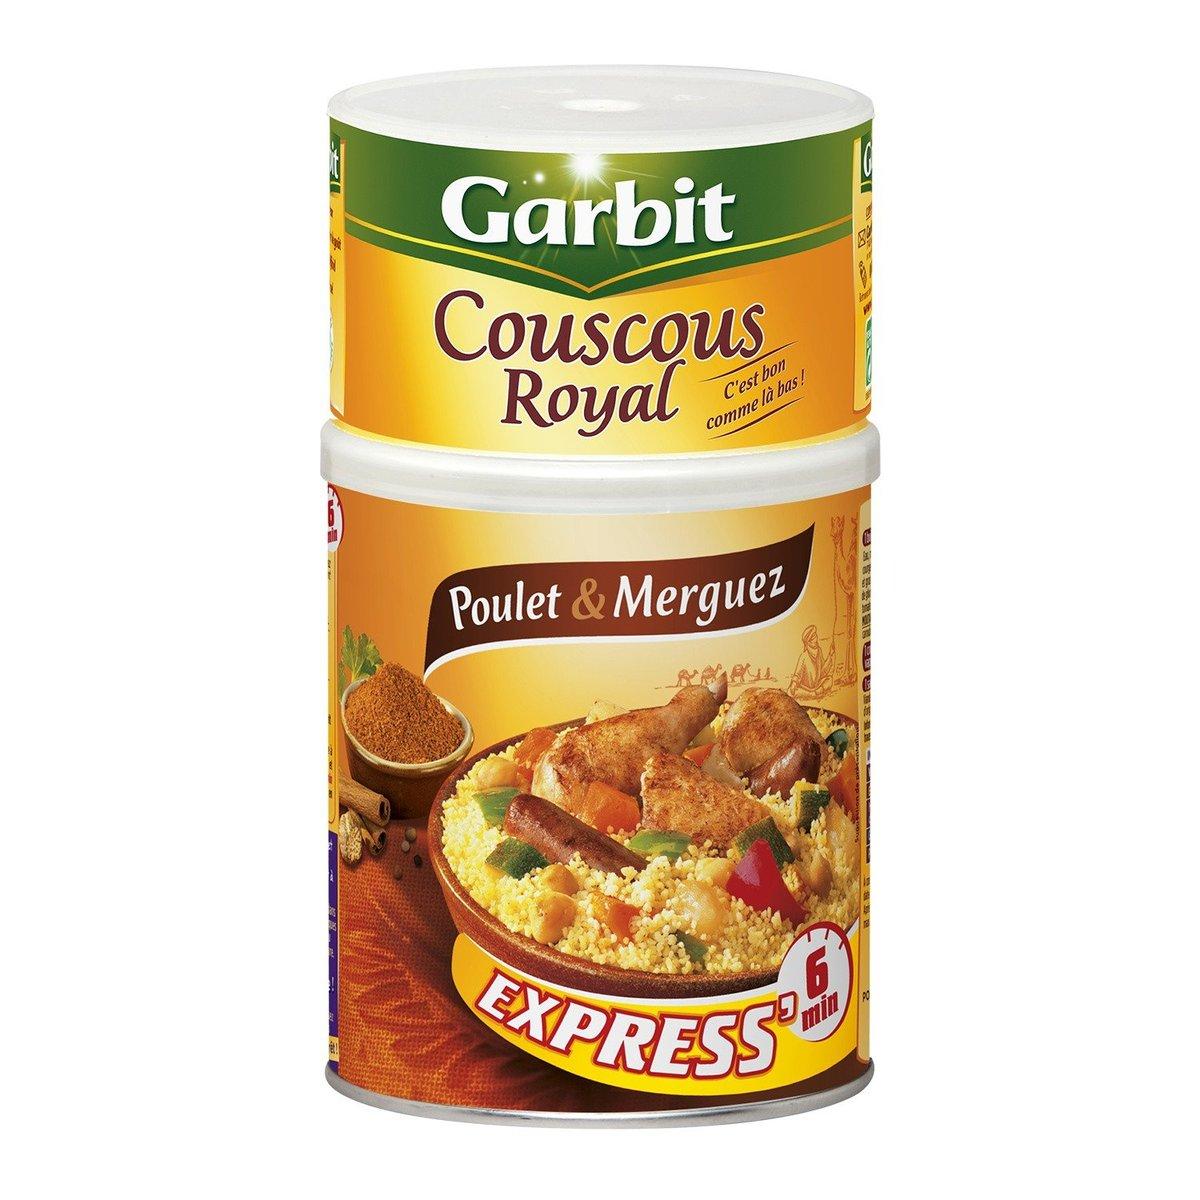 GARBIT - Express Meall Chicken & Merguez Couscous - 980g